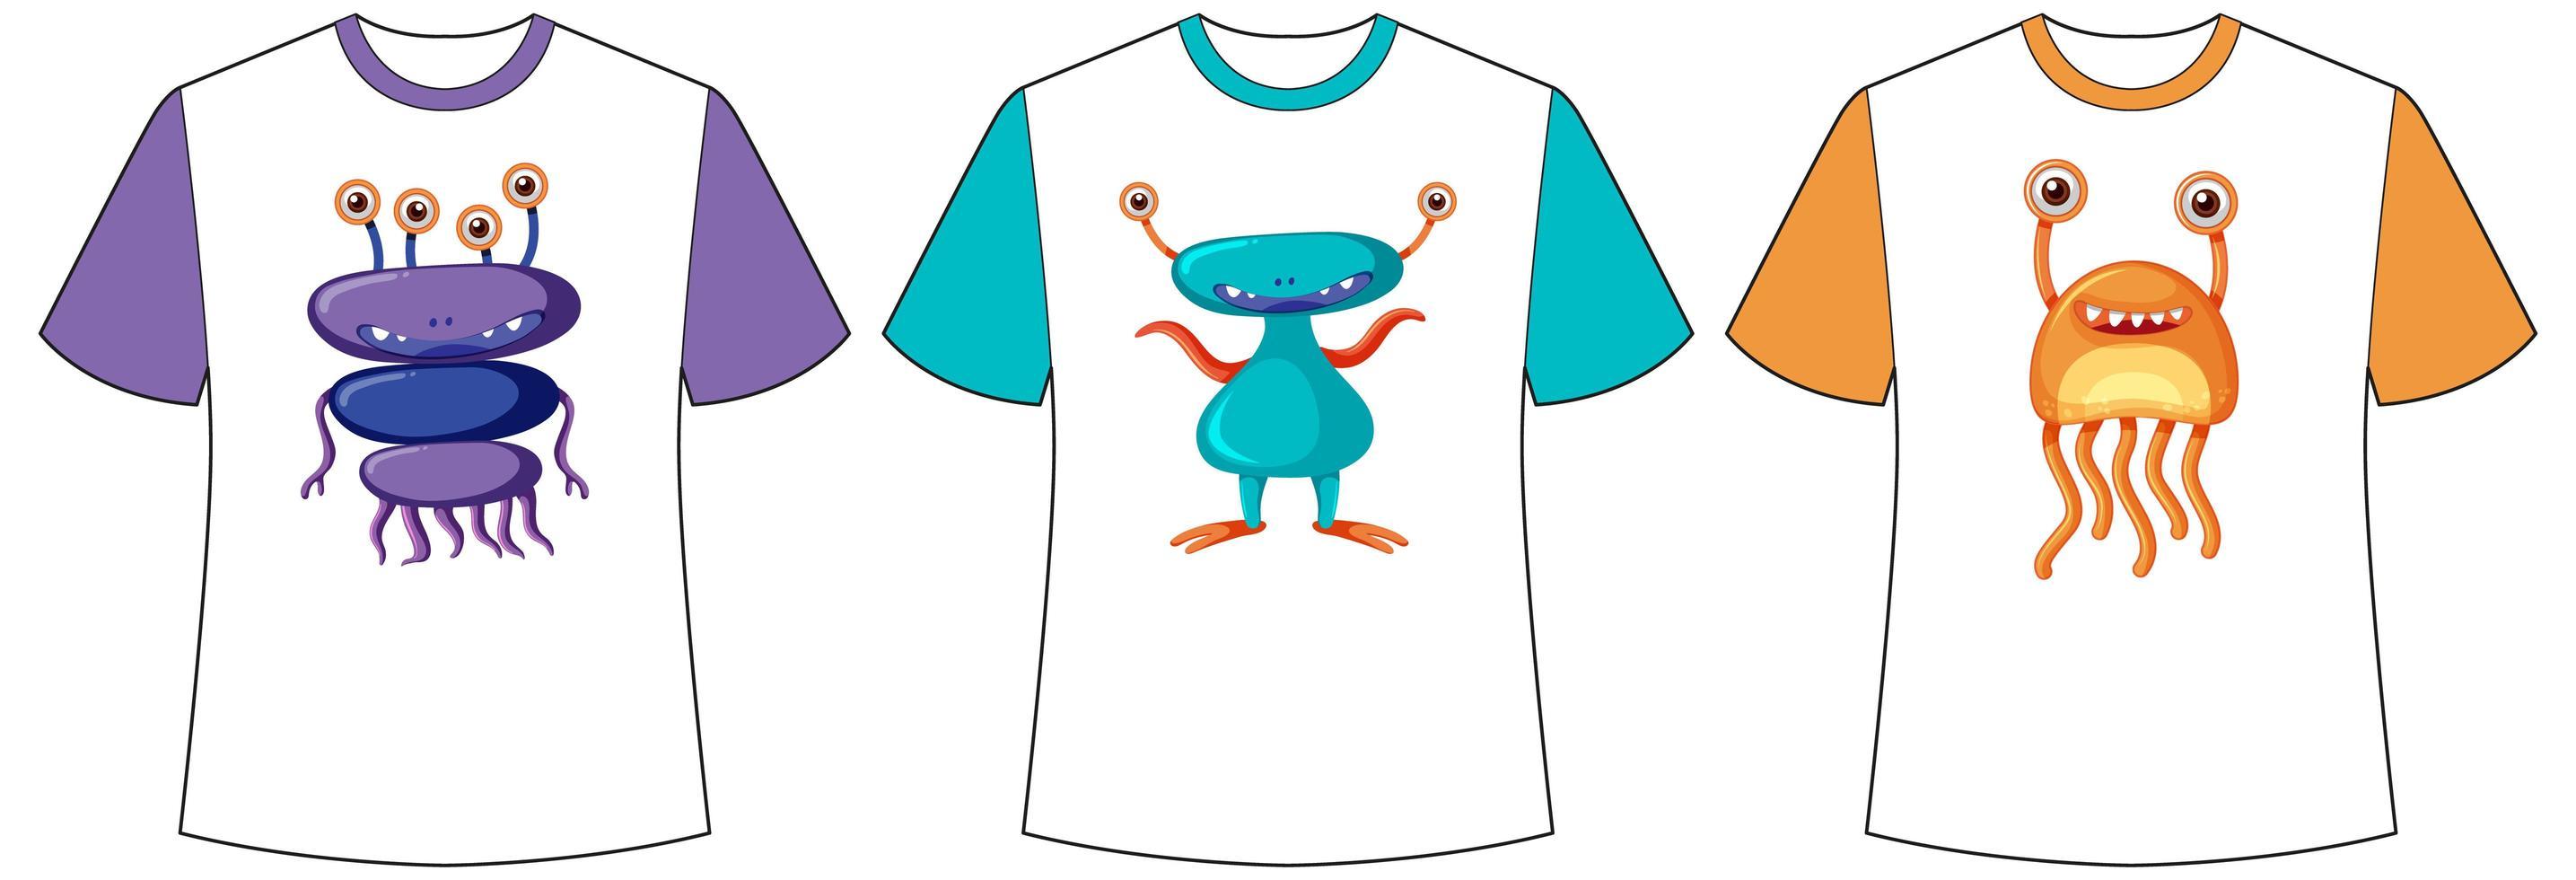 Ensemble d & # 39; écran de monstres mignons ou d & # 39; extraterrestres de couleur différente sur des t-shirts vecteur